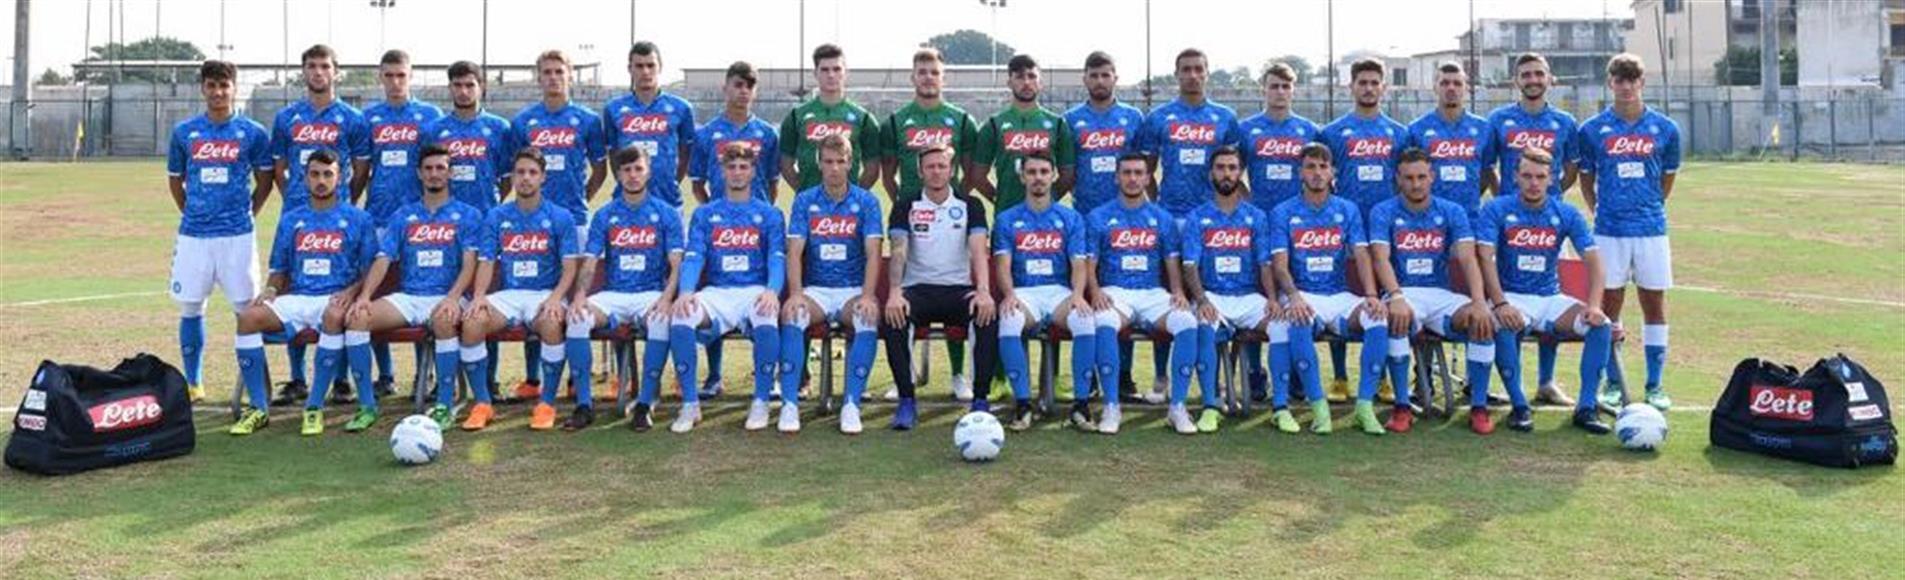 La Primavera del Napoli debutta con una vittoria: 1-0 al Milan. Decisiva la rete di Palmieri